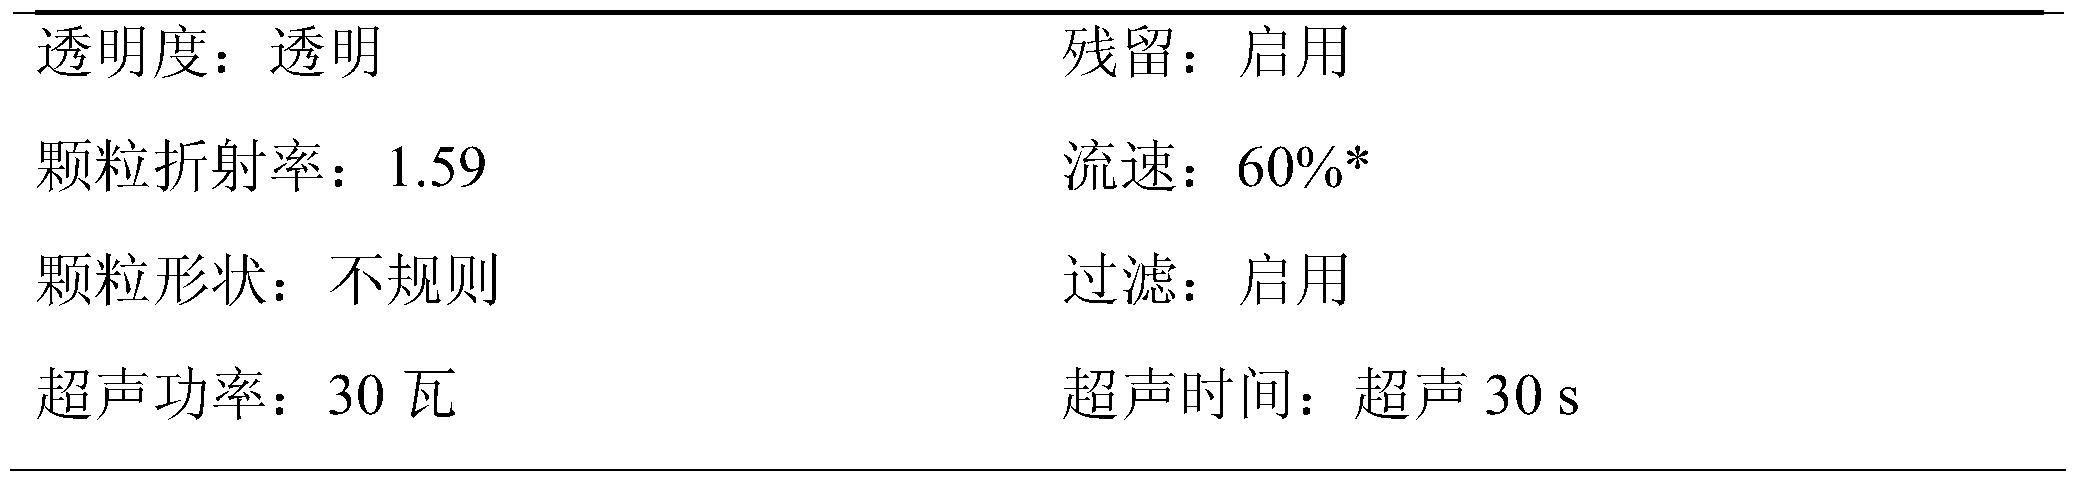 Figure PCTCN2016102022-appb-000006